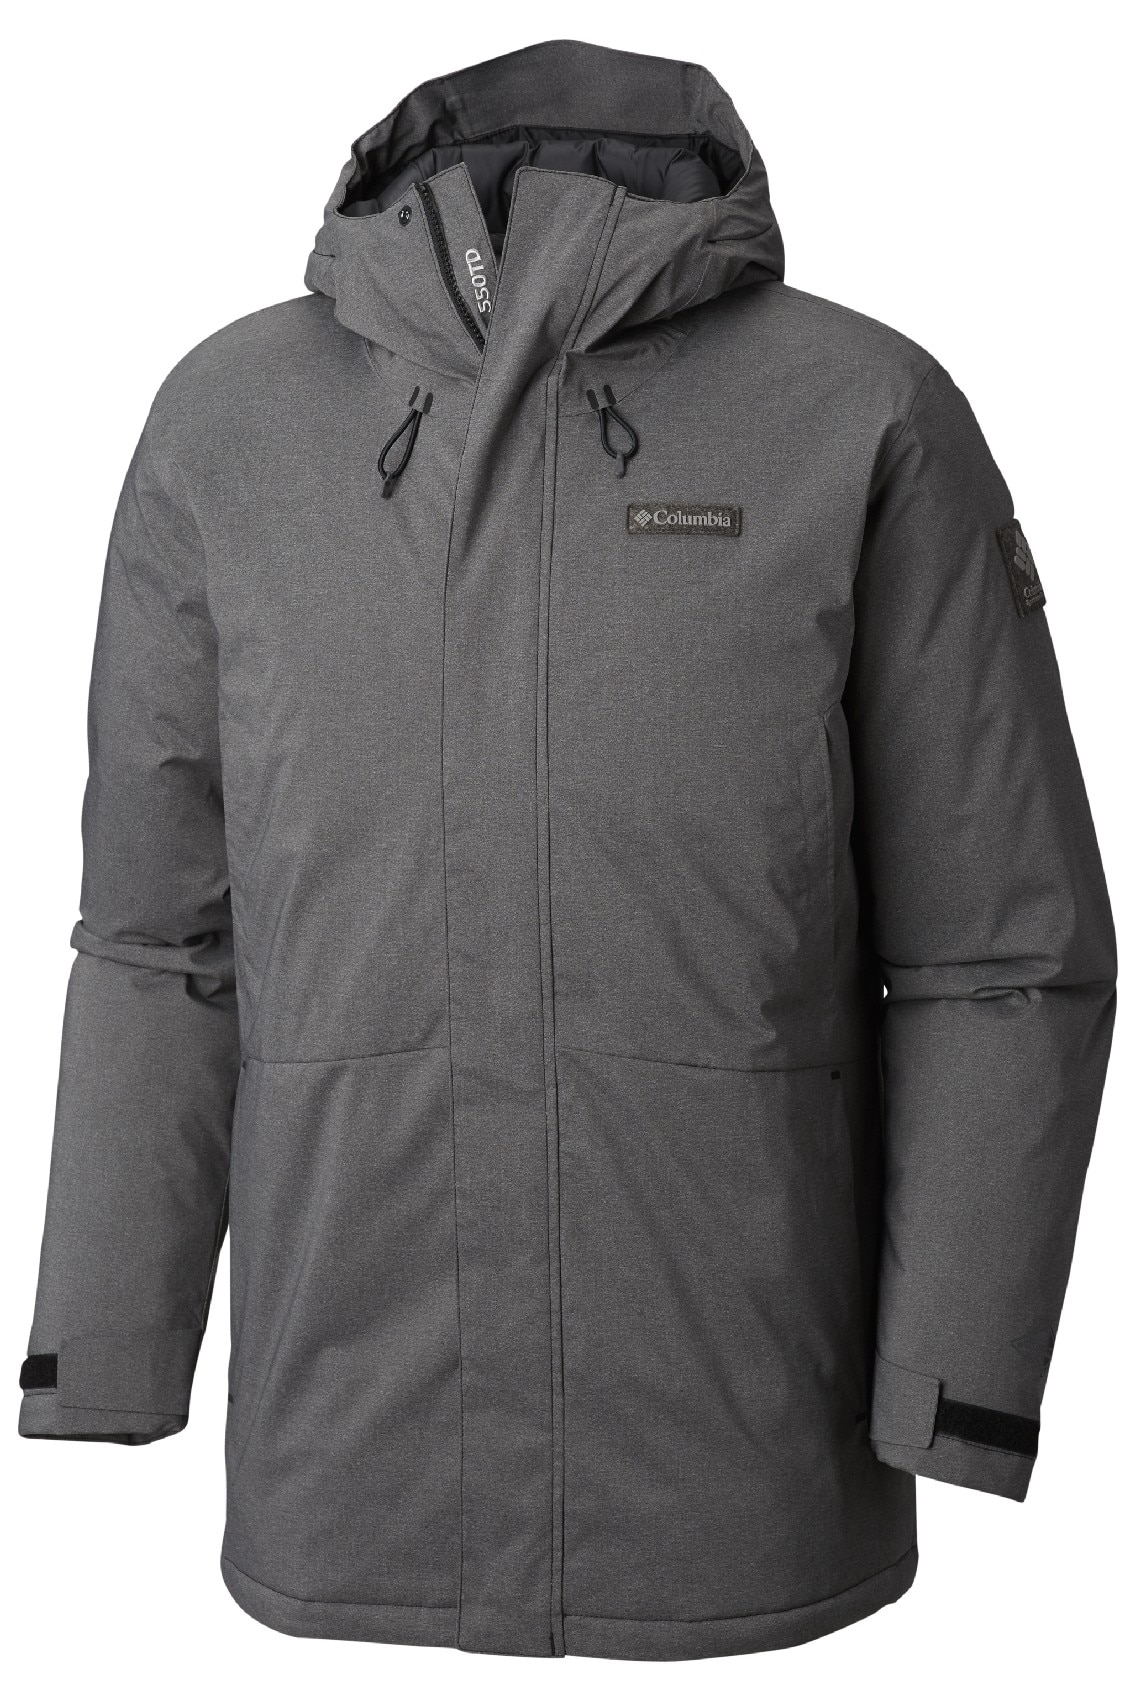 Férfi kabátok, dzsekik és mellények Nike eMAG.hu